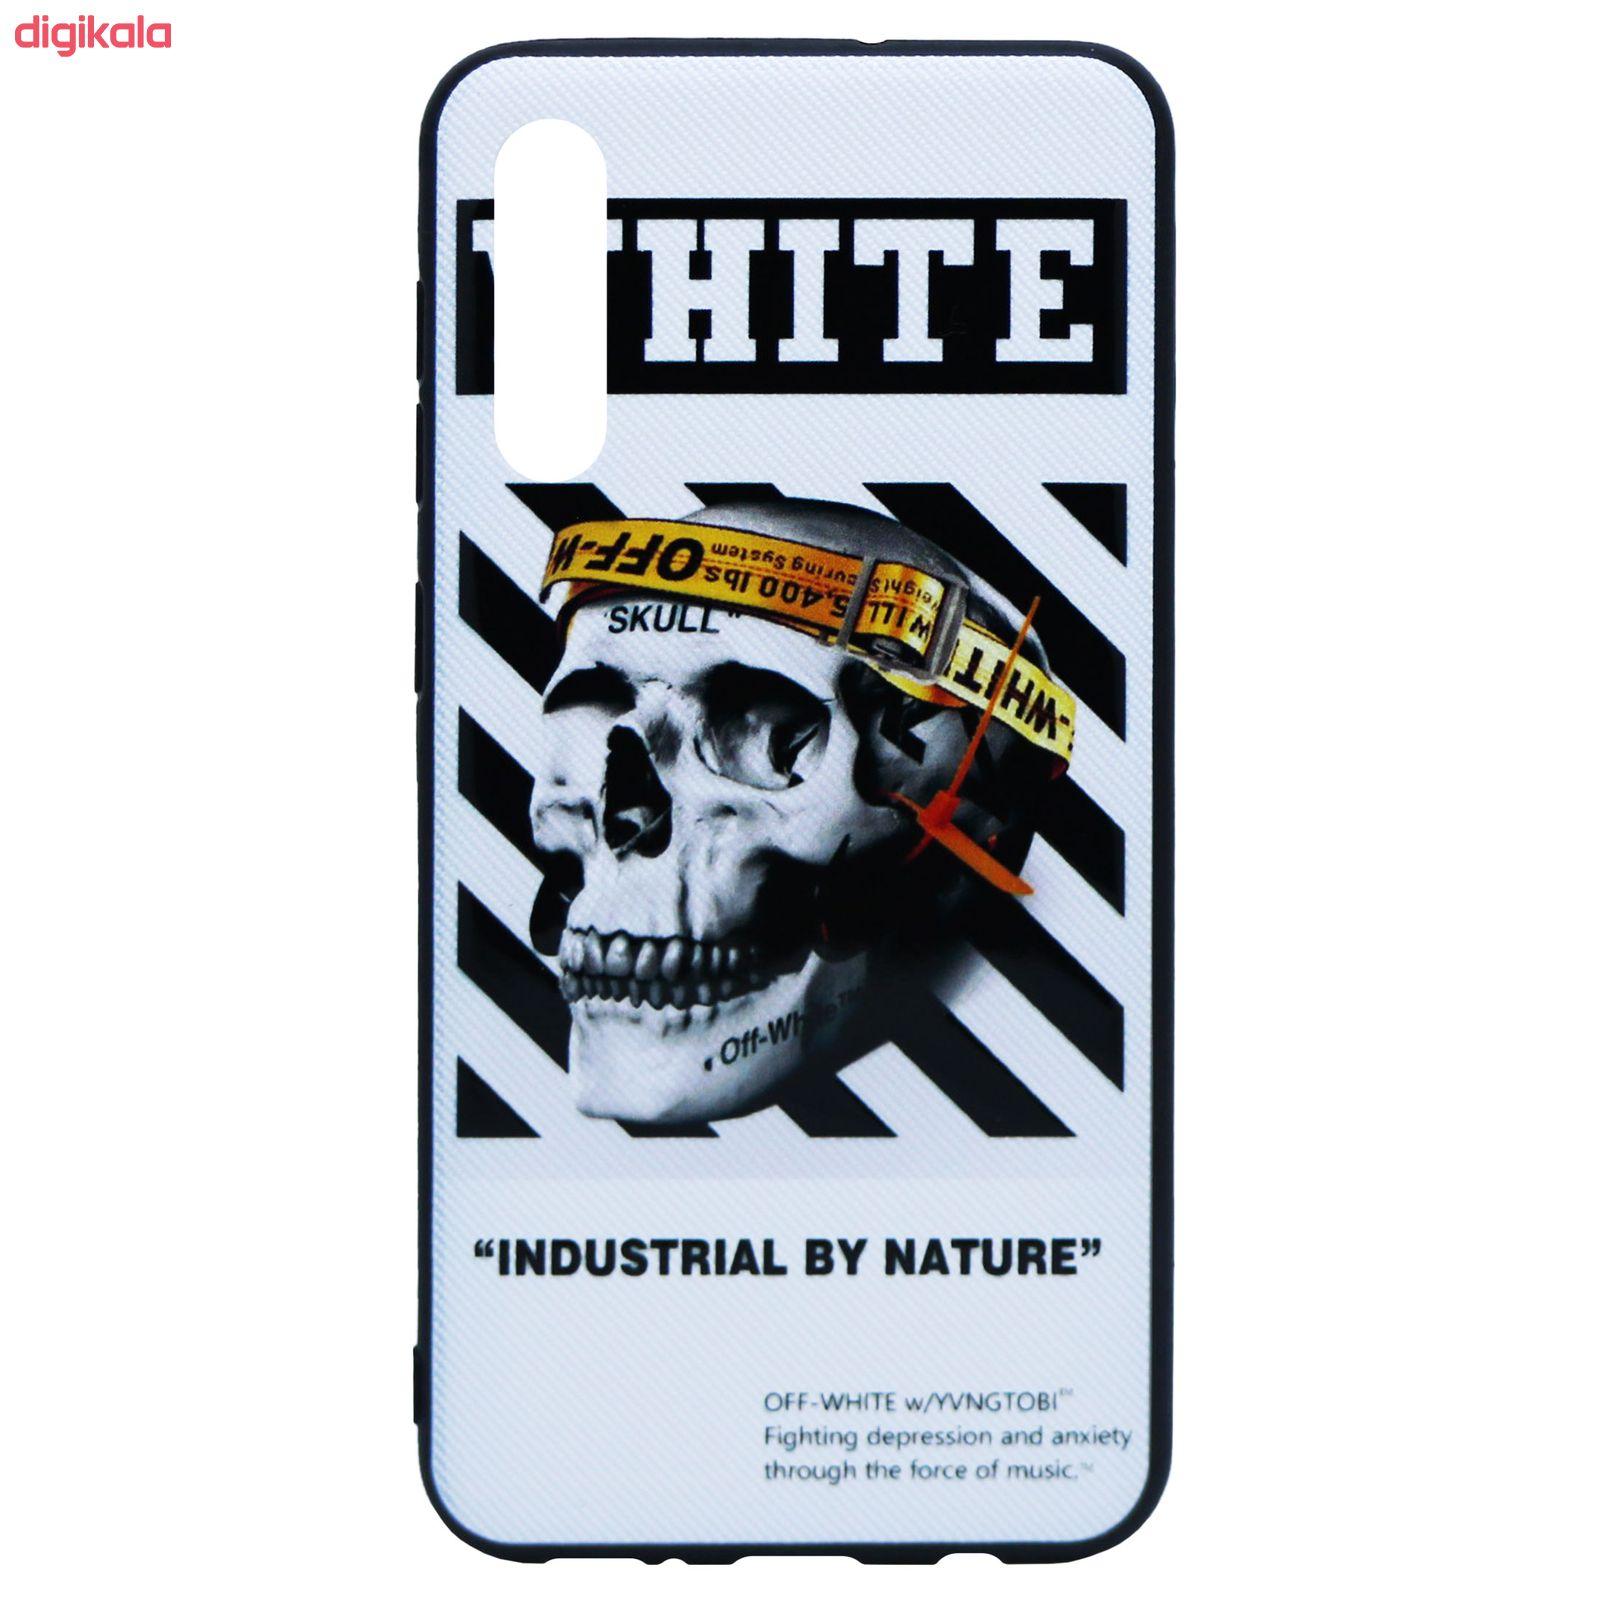 کاور طرح Skull مدل SS-01 مناسب برای گوشی موبایل سامسونگ Galaxy A50/A50s/A30s main 1 1